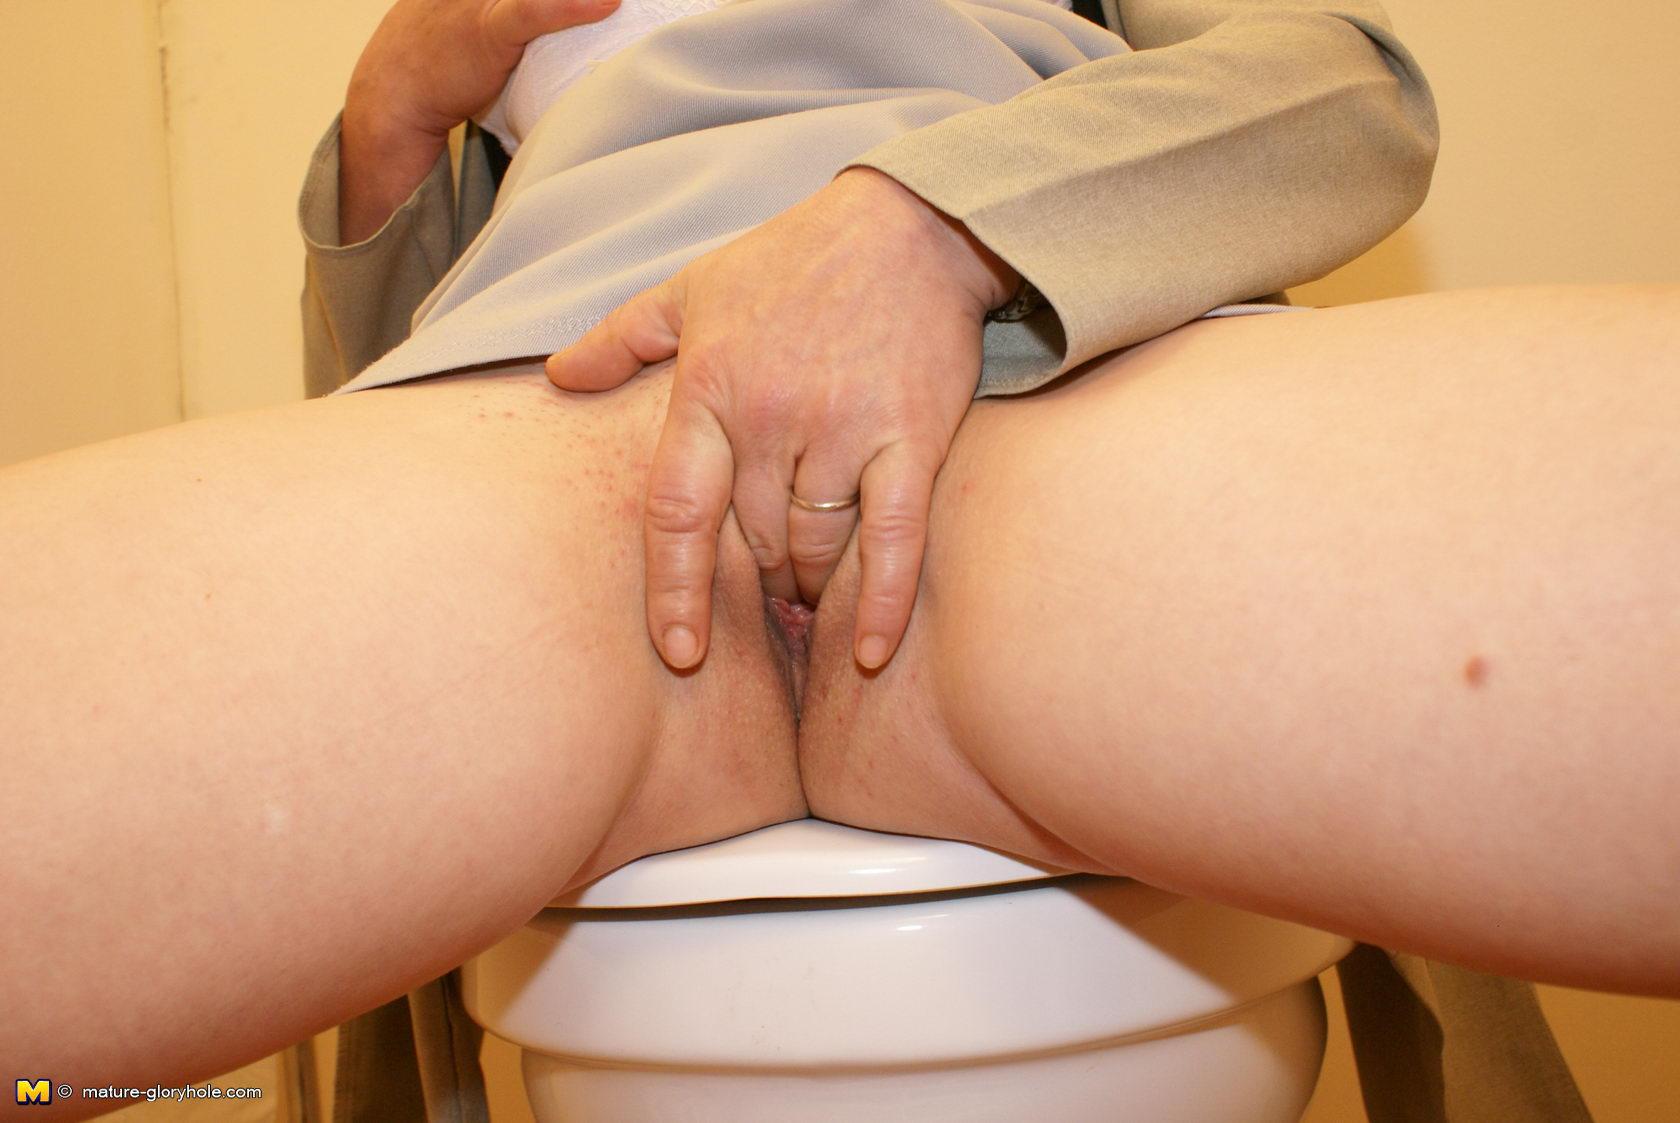 horny midgets in glory hole